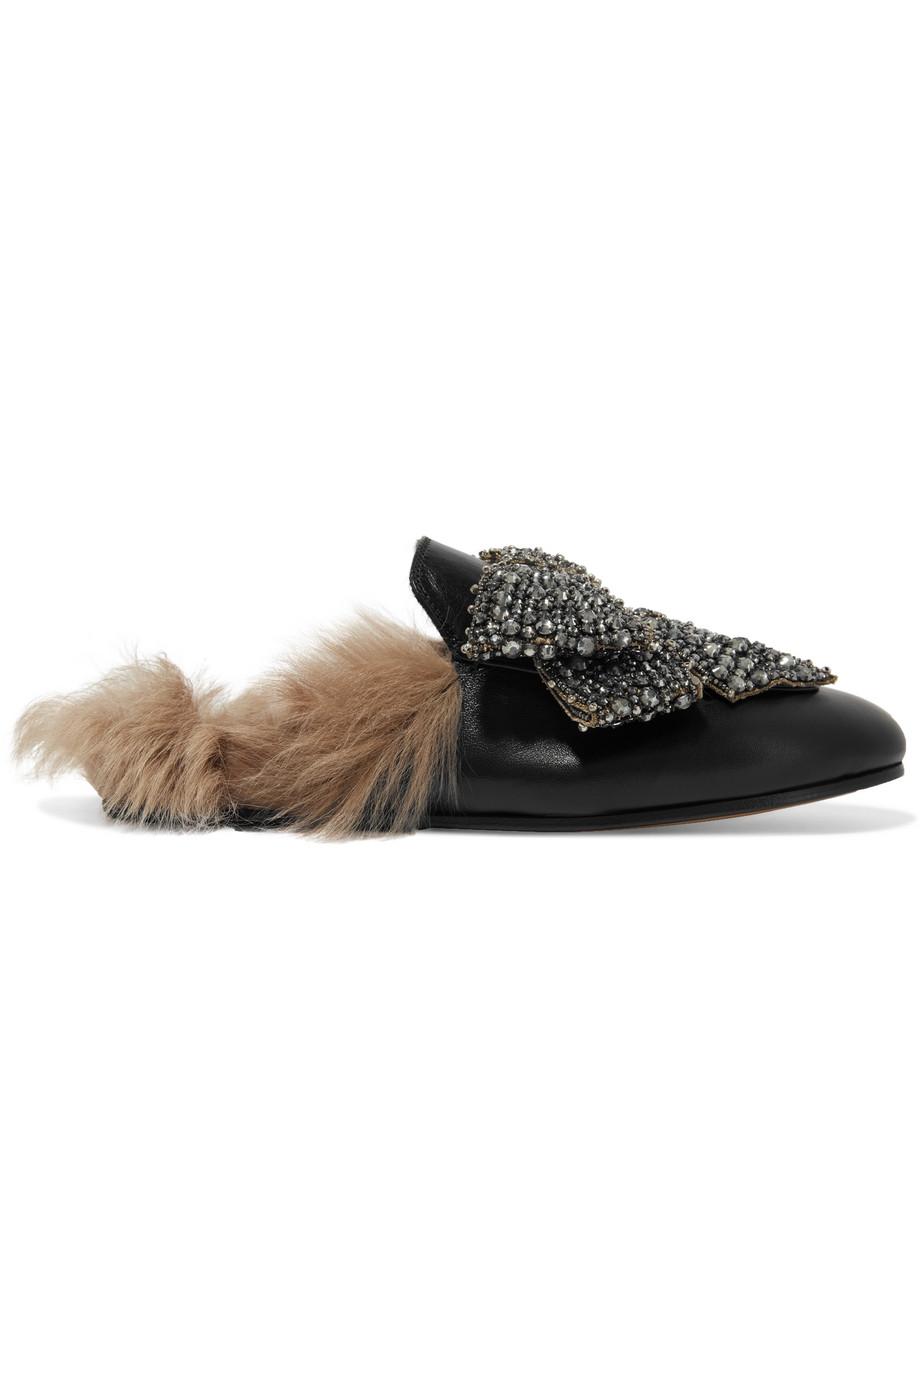 حذاء منبسط تميز بالفرو البني الفاتح من Gucci